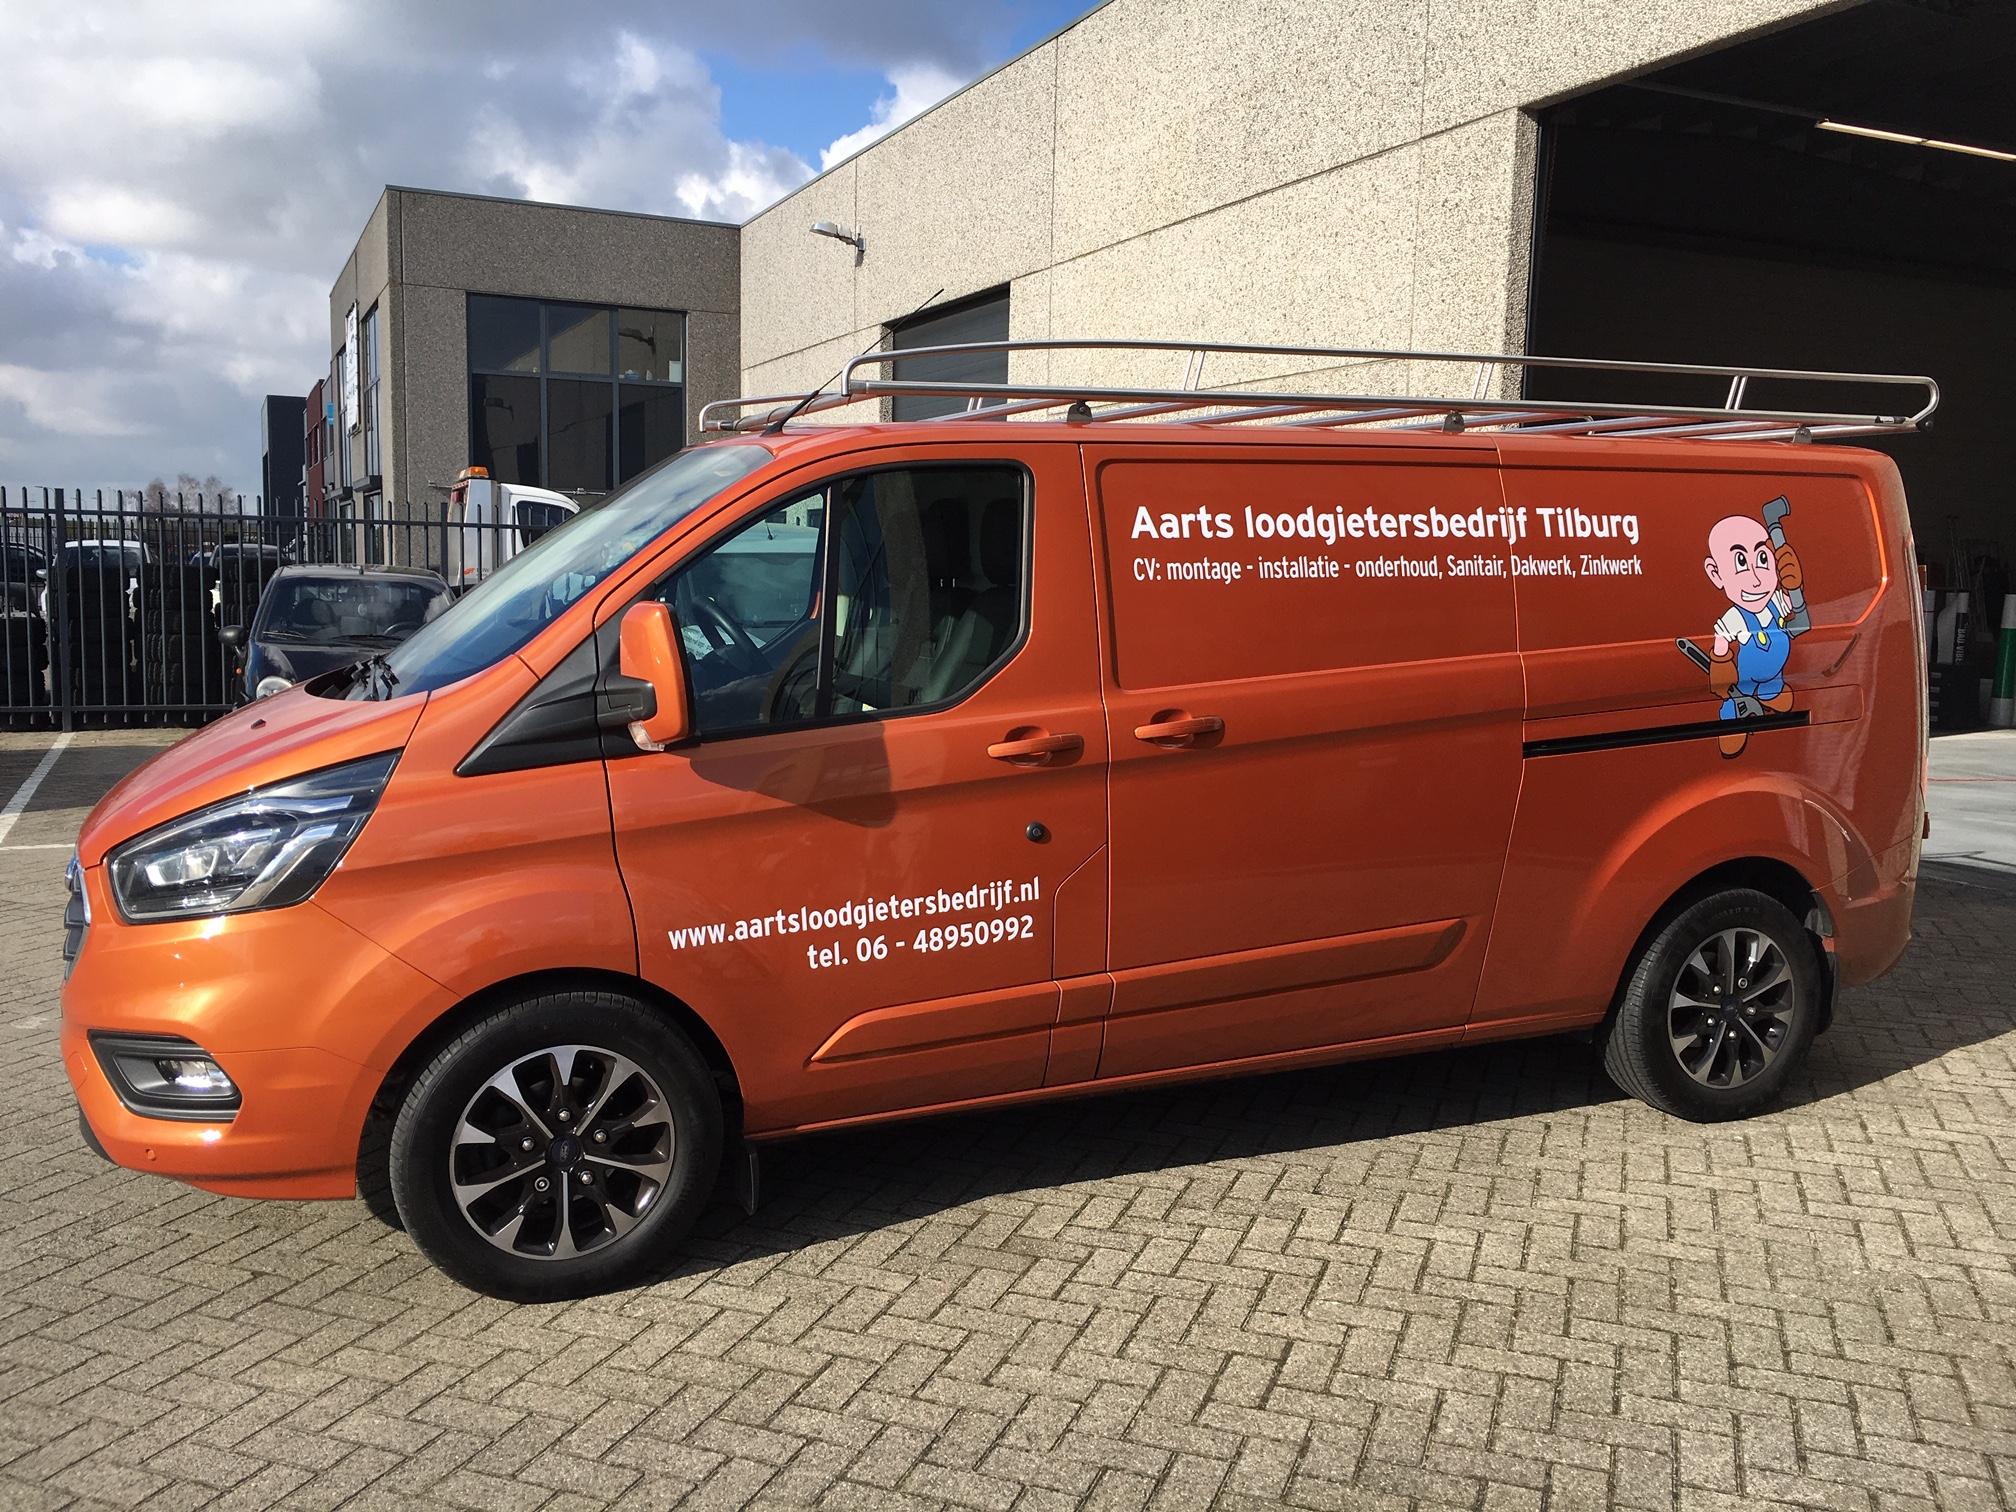 Aarts loodgietersbedrijf Tilburg bedrijfsbus reclame carwrap